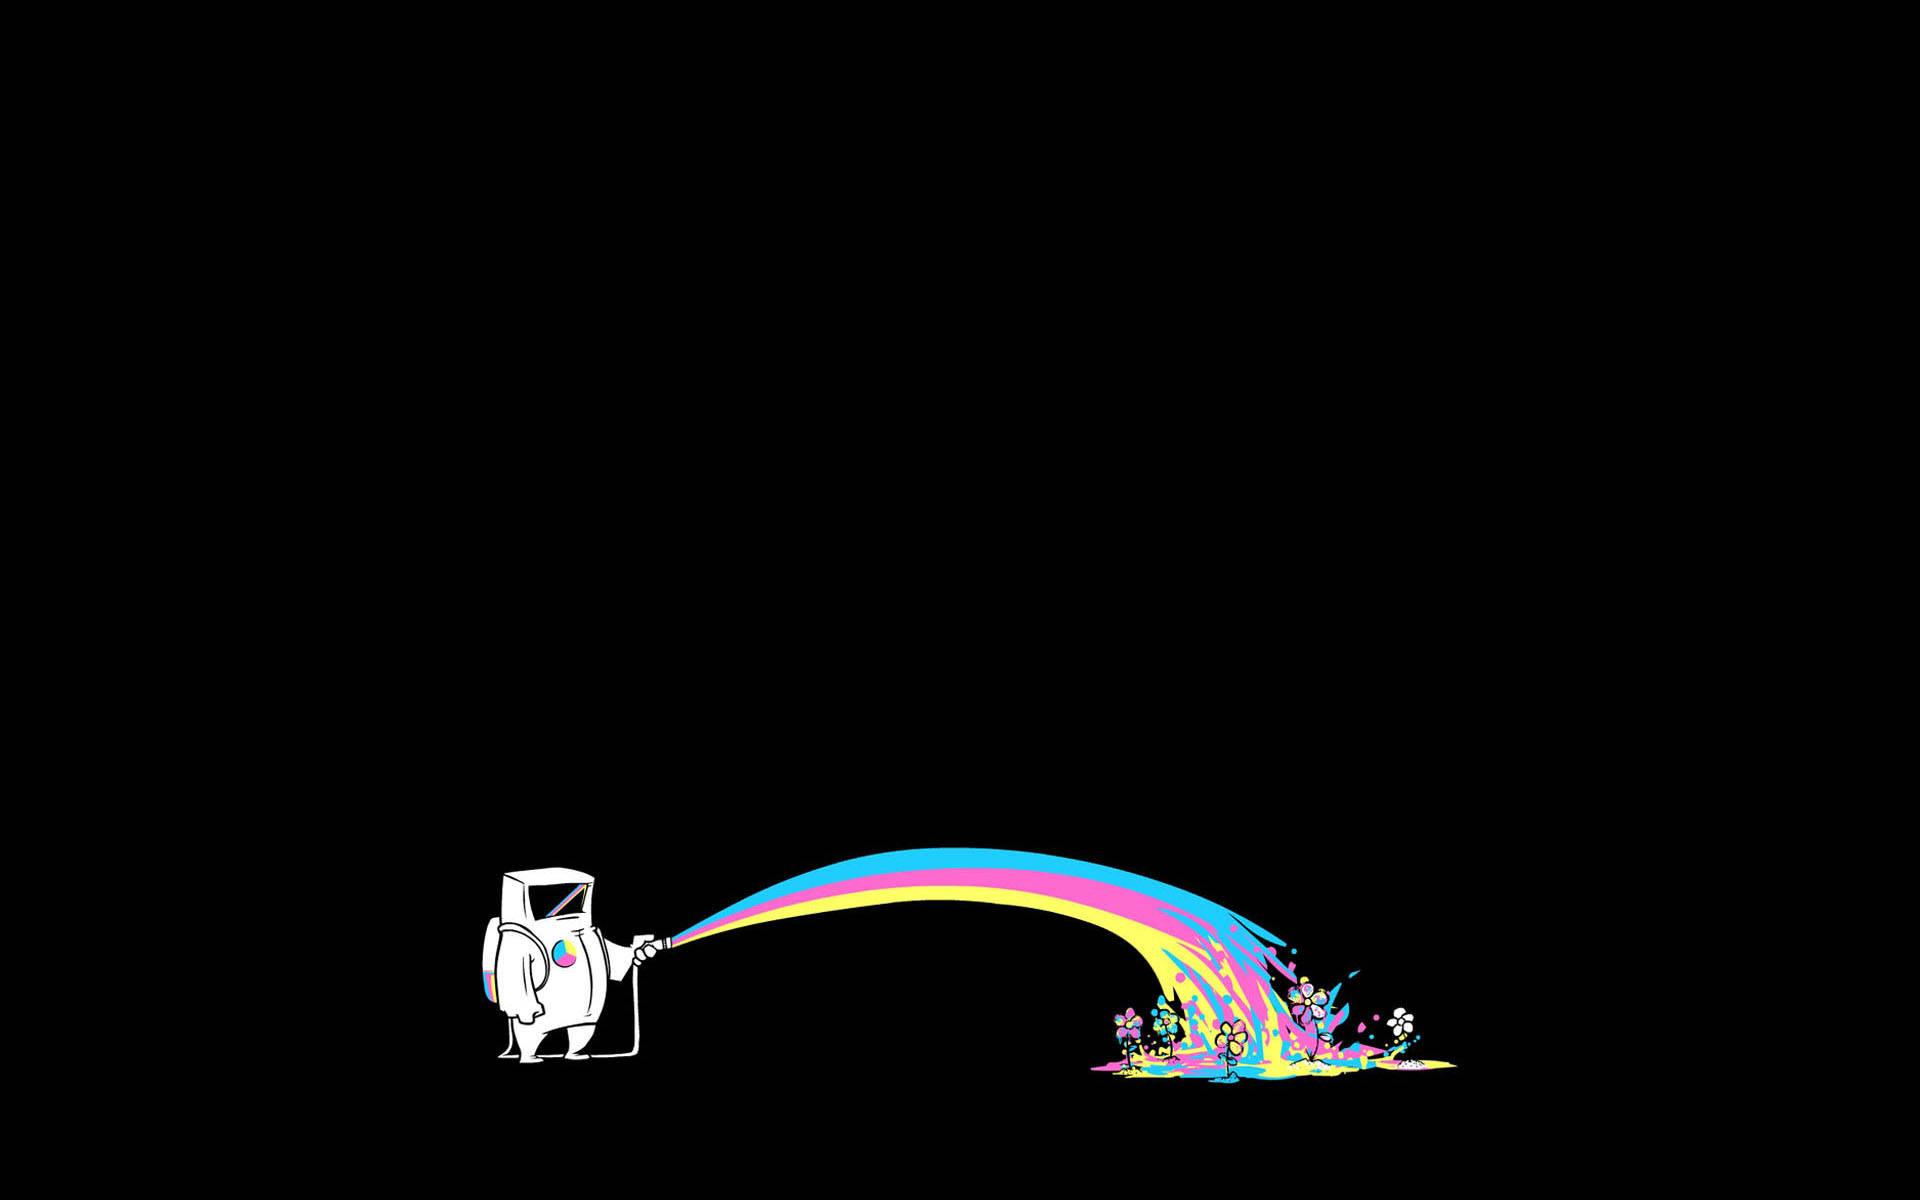 Minimalistic Rainbows 19201200 Wallpaper 820390 1920x1200